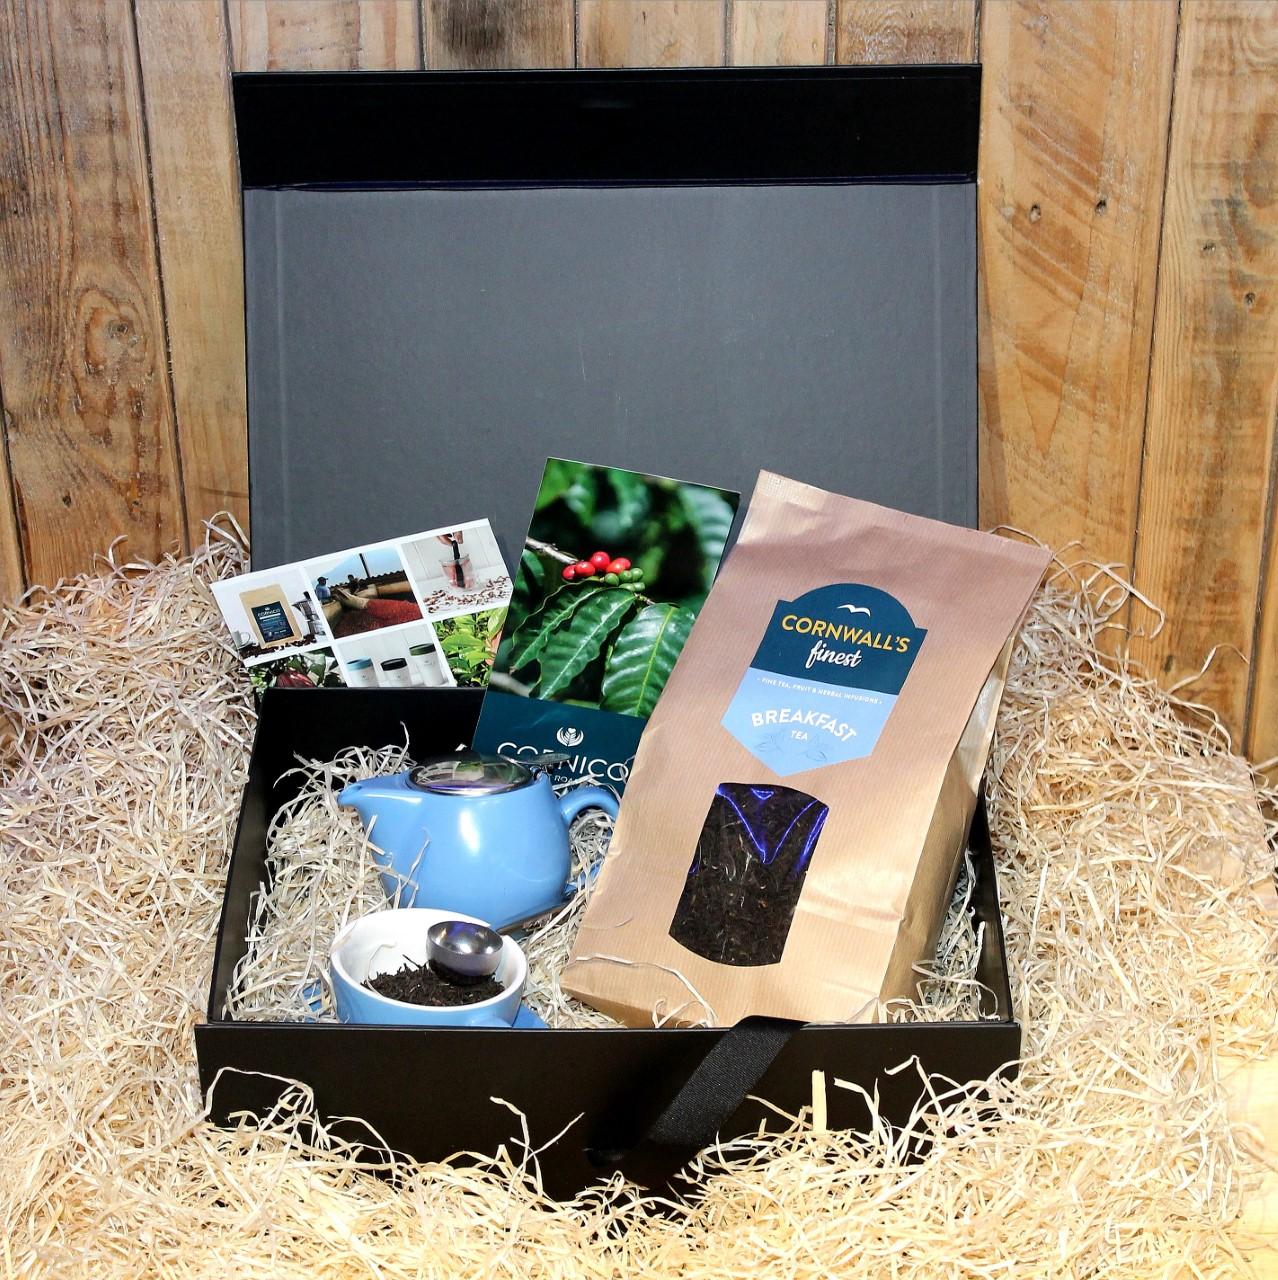 Cornwall's finest Tea Hamper (Large Tea)